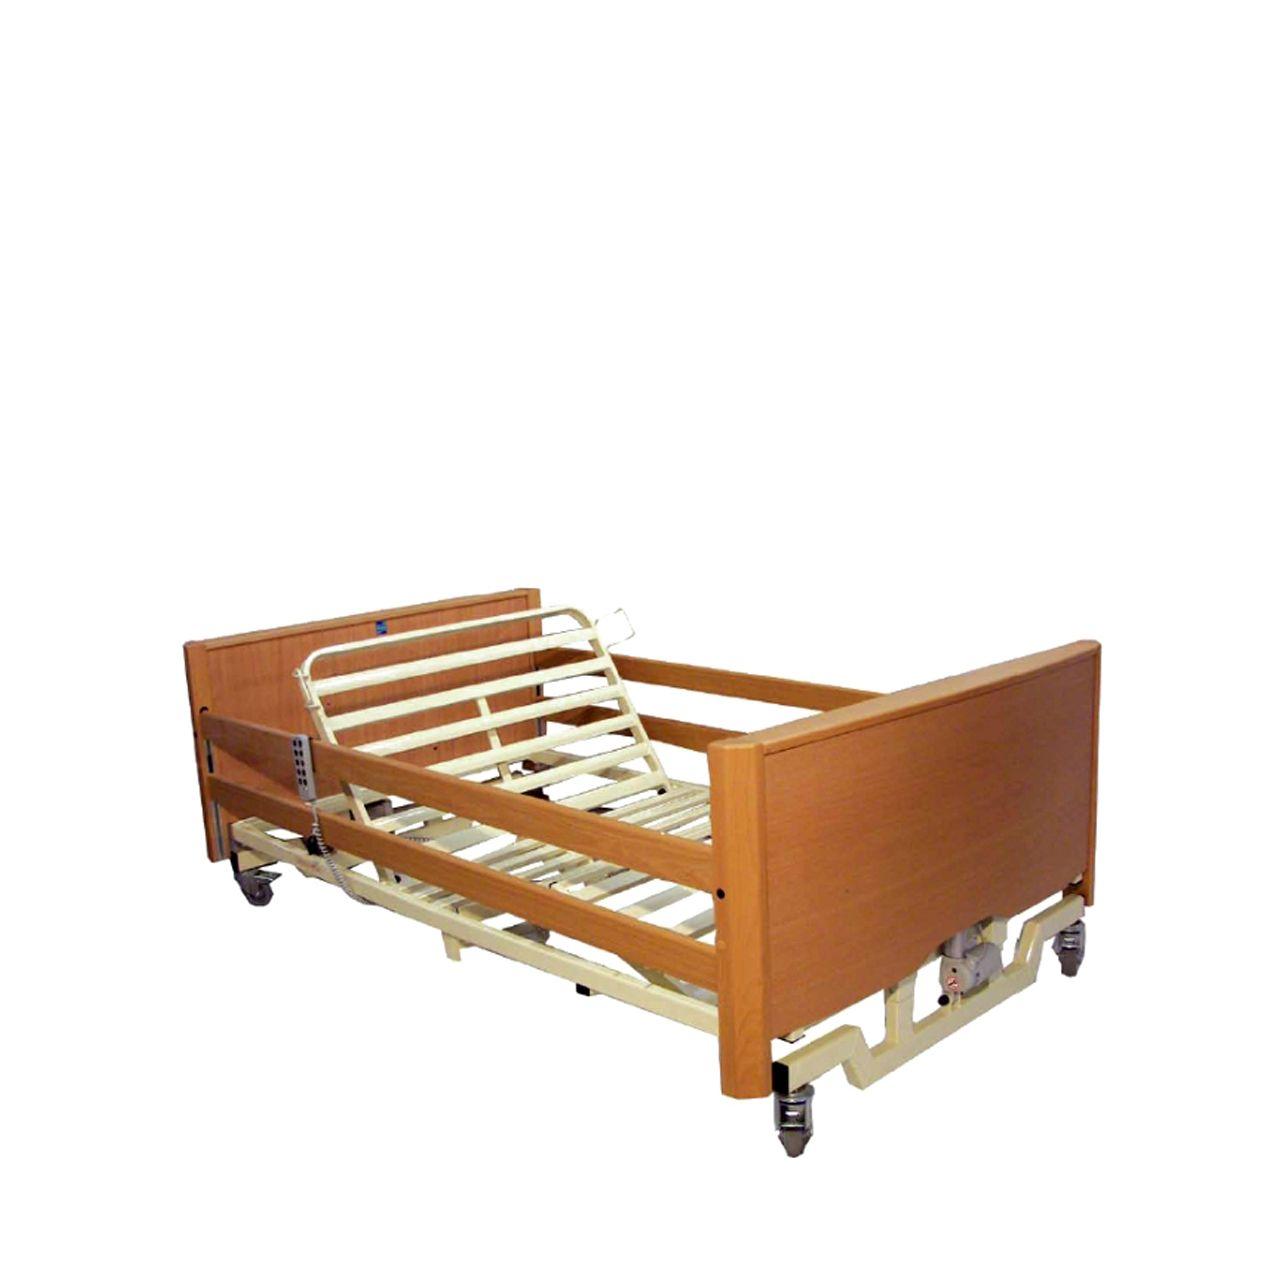 xxl bed comfort luxe ARTNRNNB 0000s Voorkant